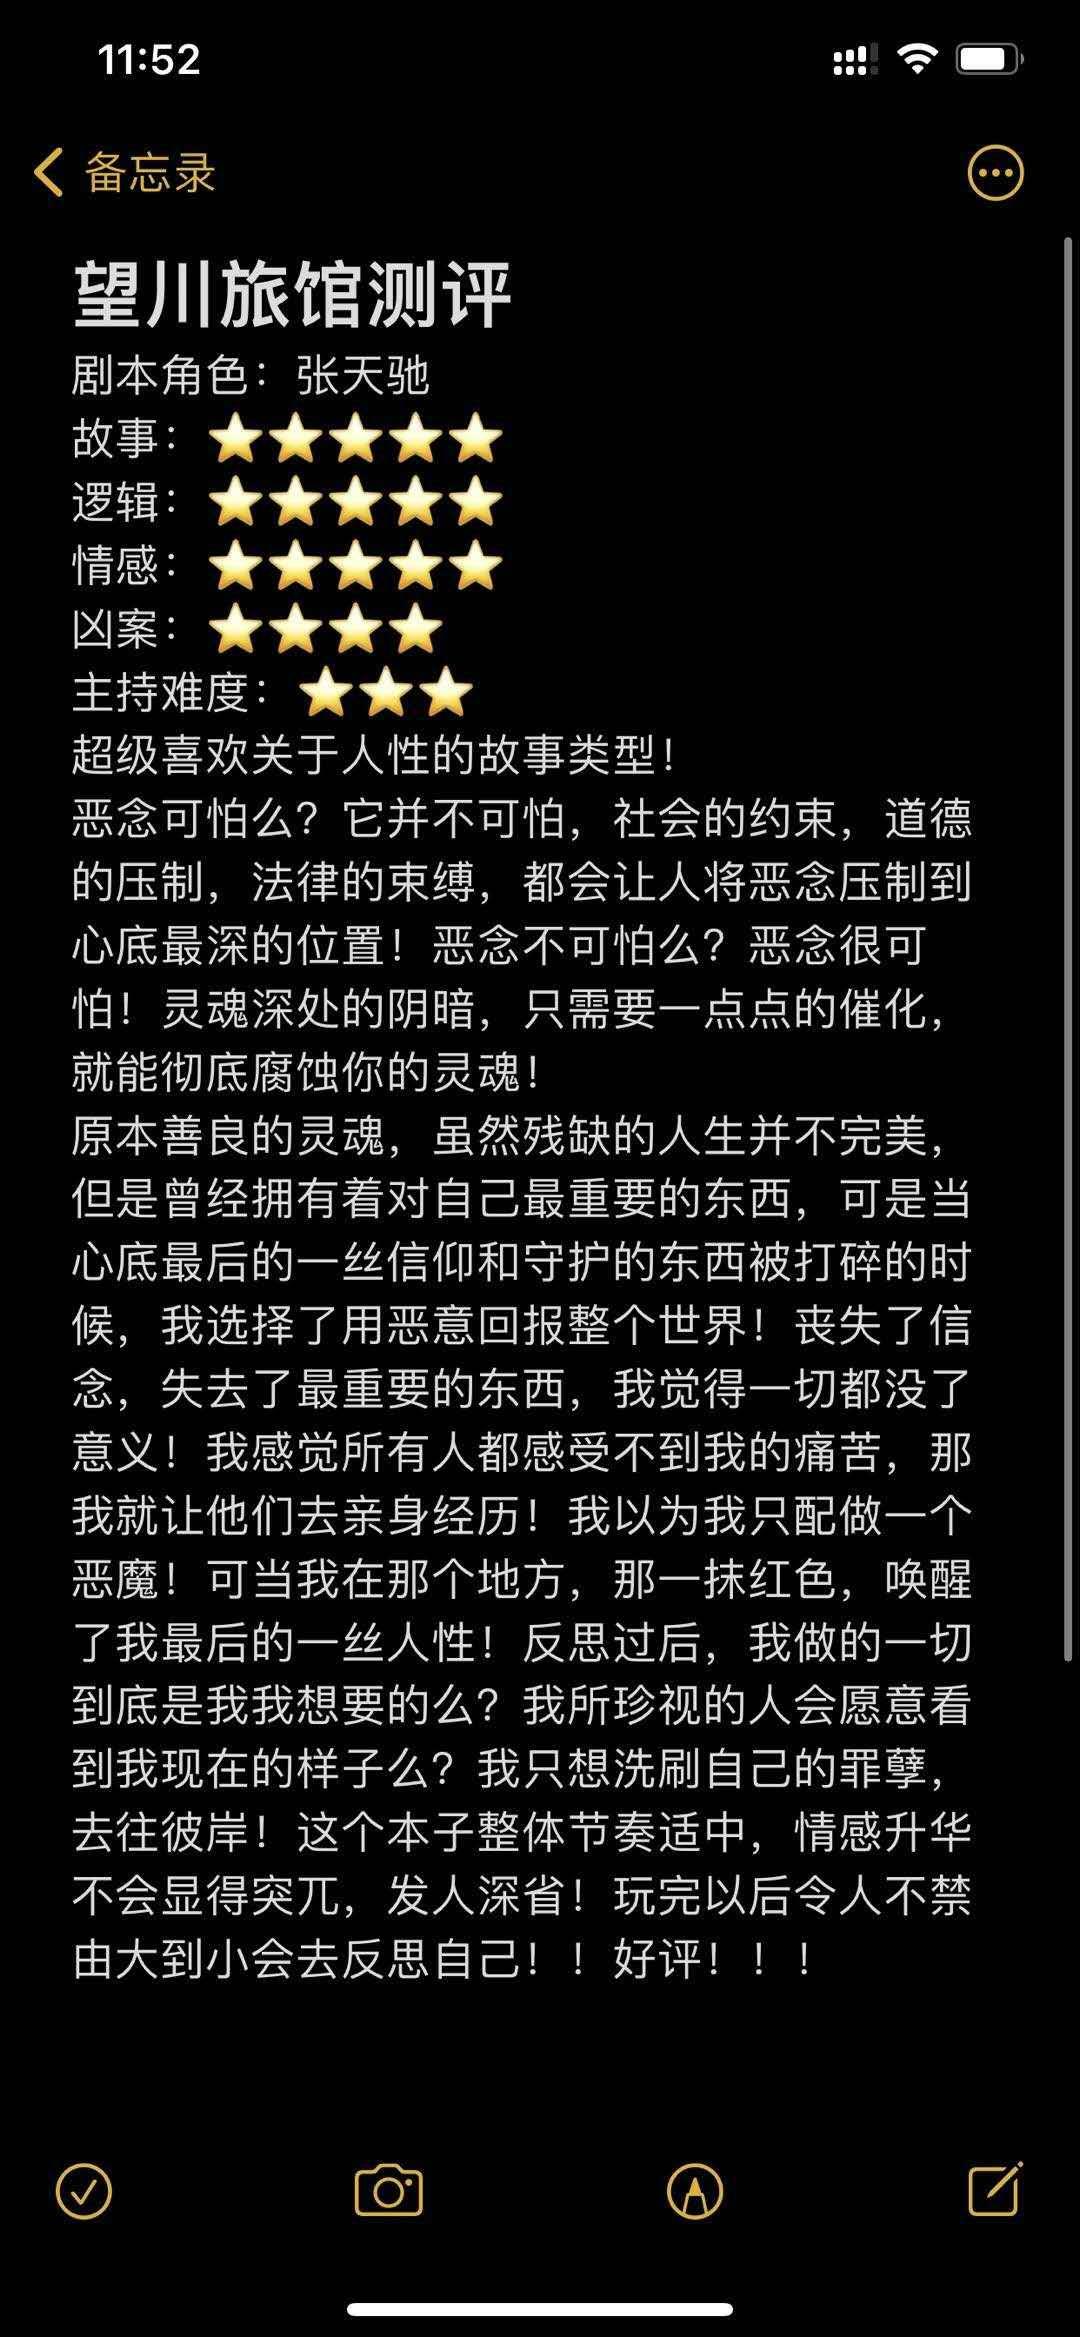 『望川旅馆』剧本杀复盘/真相解析/凶手是谁/主持人手册